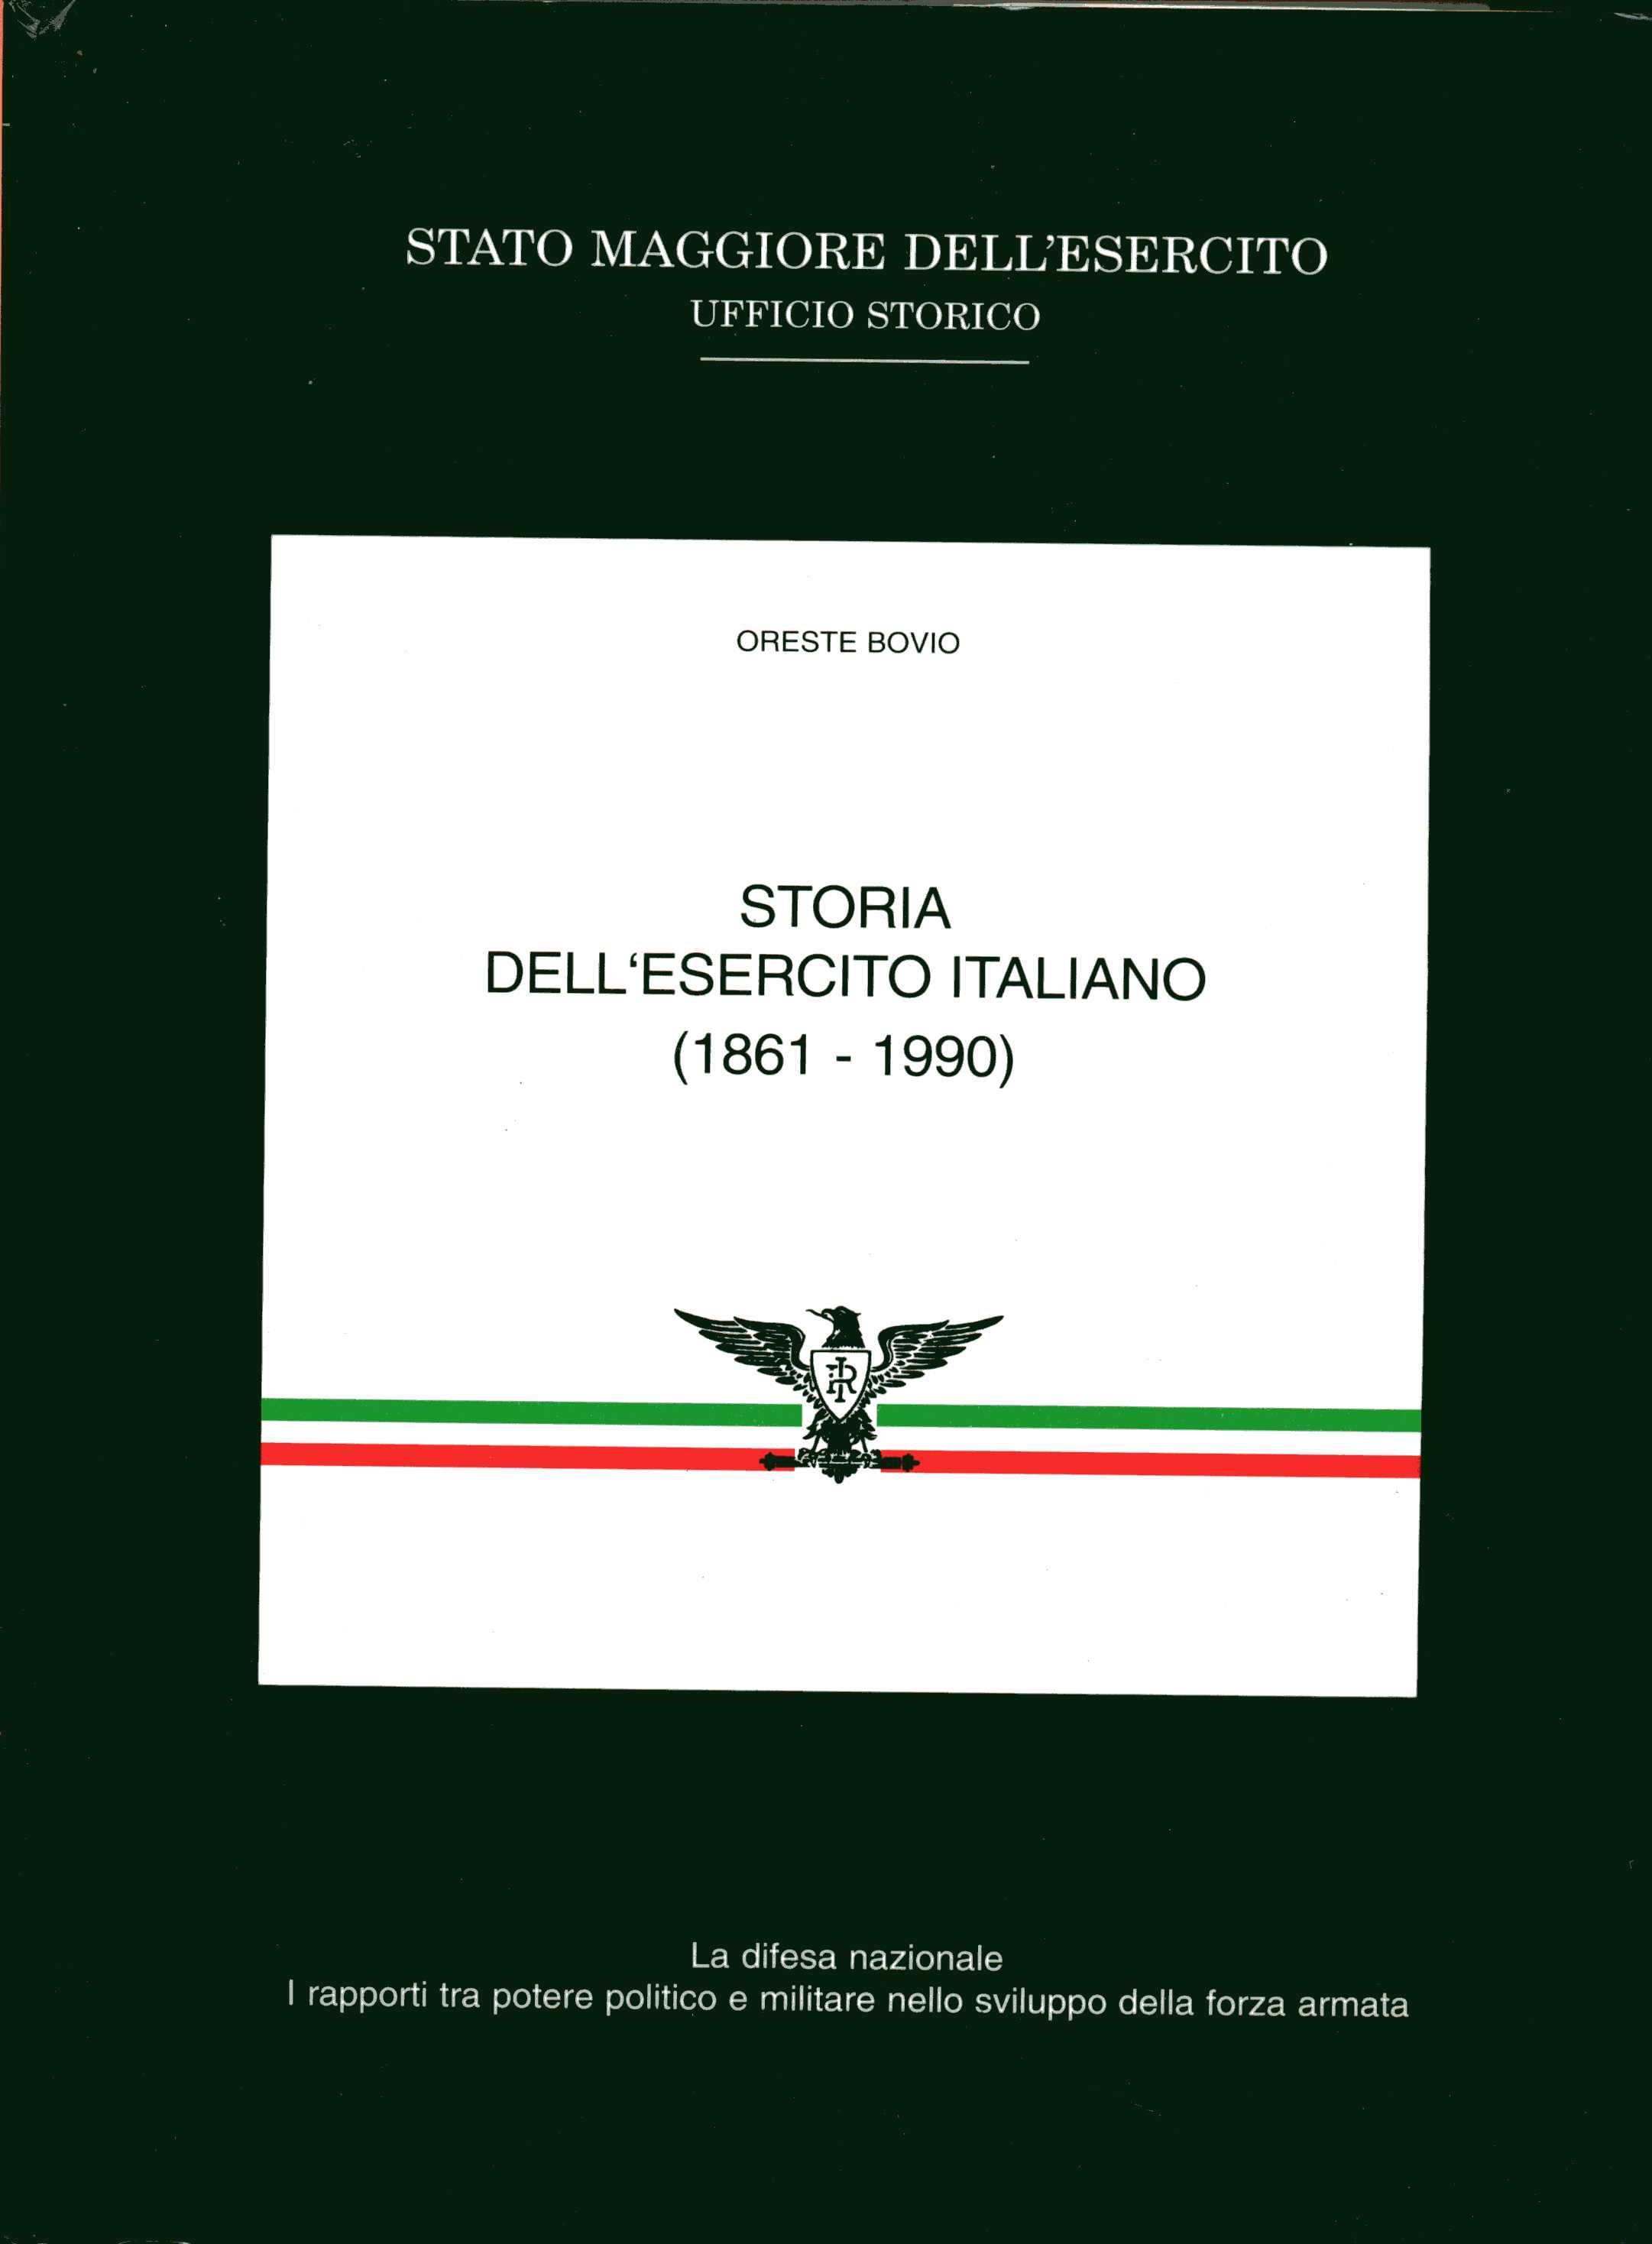 Storia dell'esercito italiano (1861-1990)